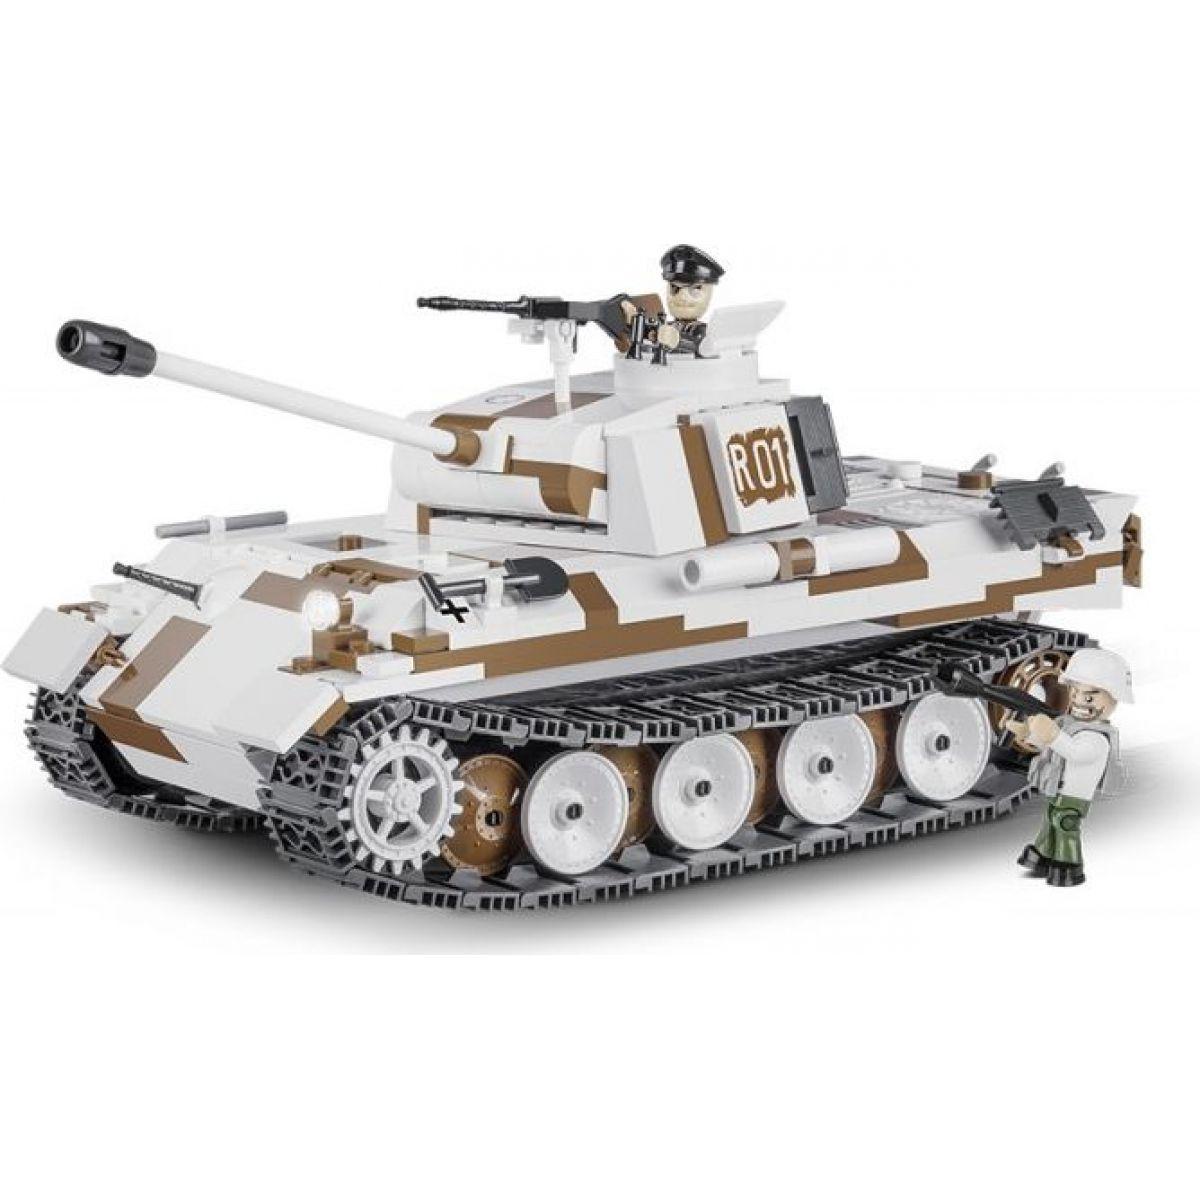 Cobi Malá armáda 2511 PzKpfw V Panther Ausf. A SdKfz 171